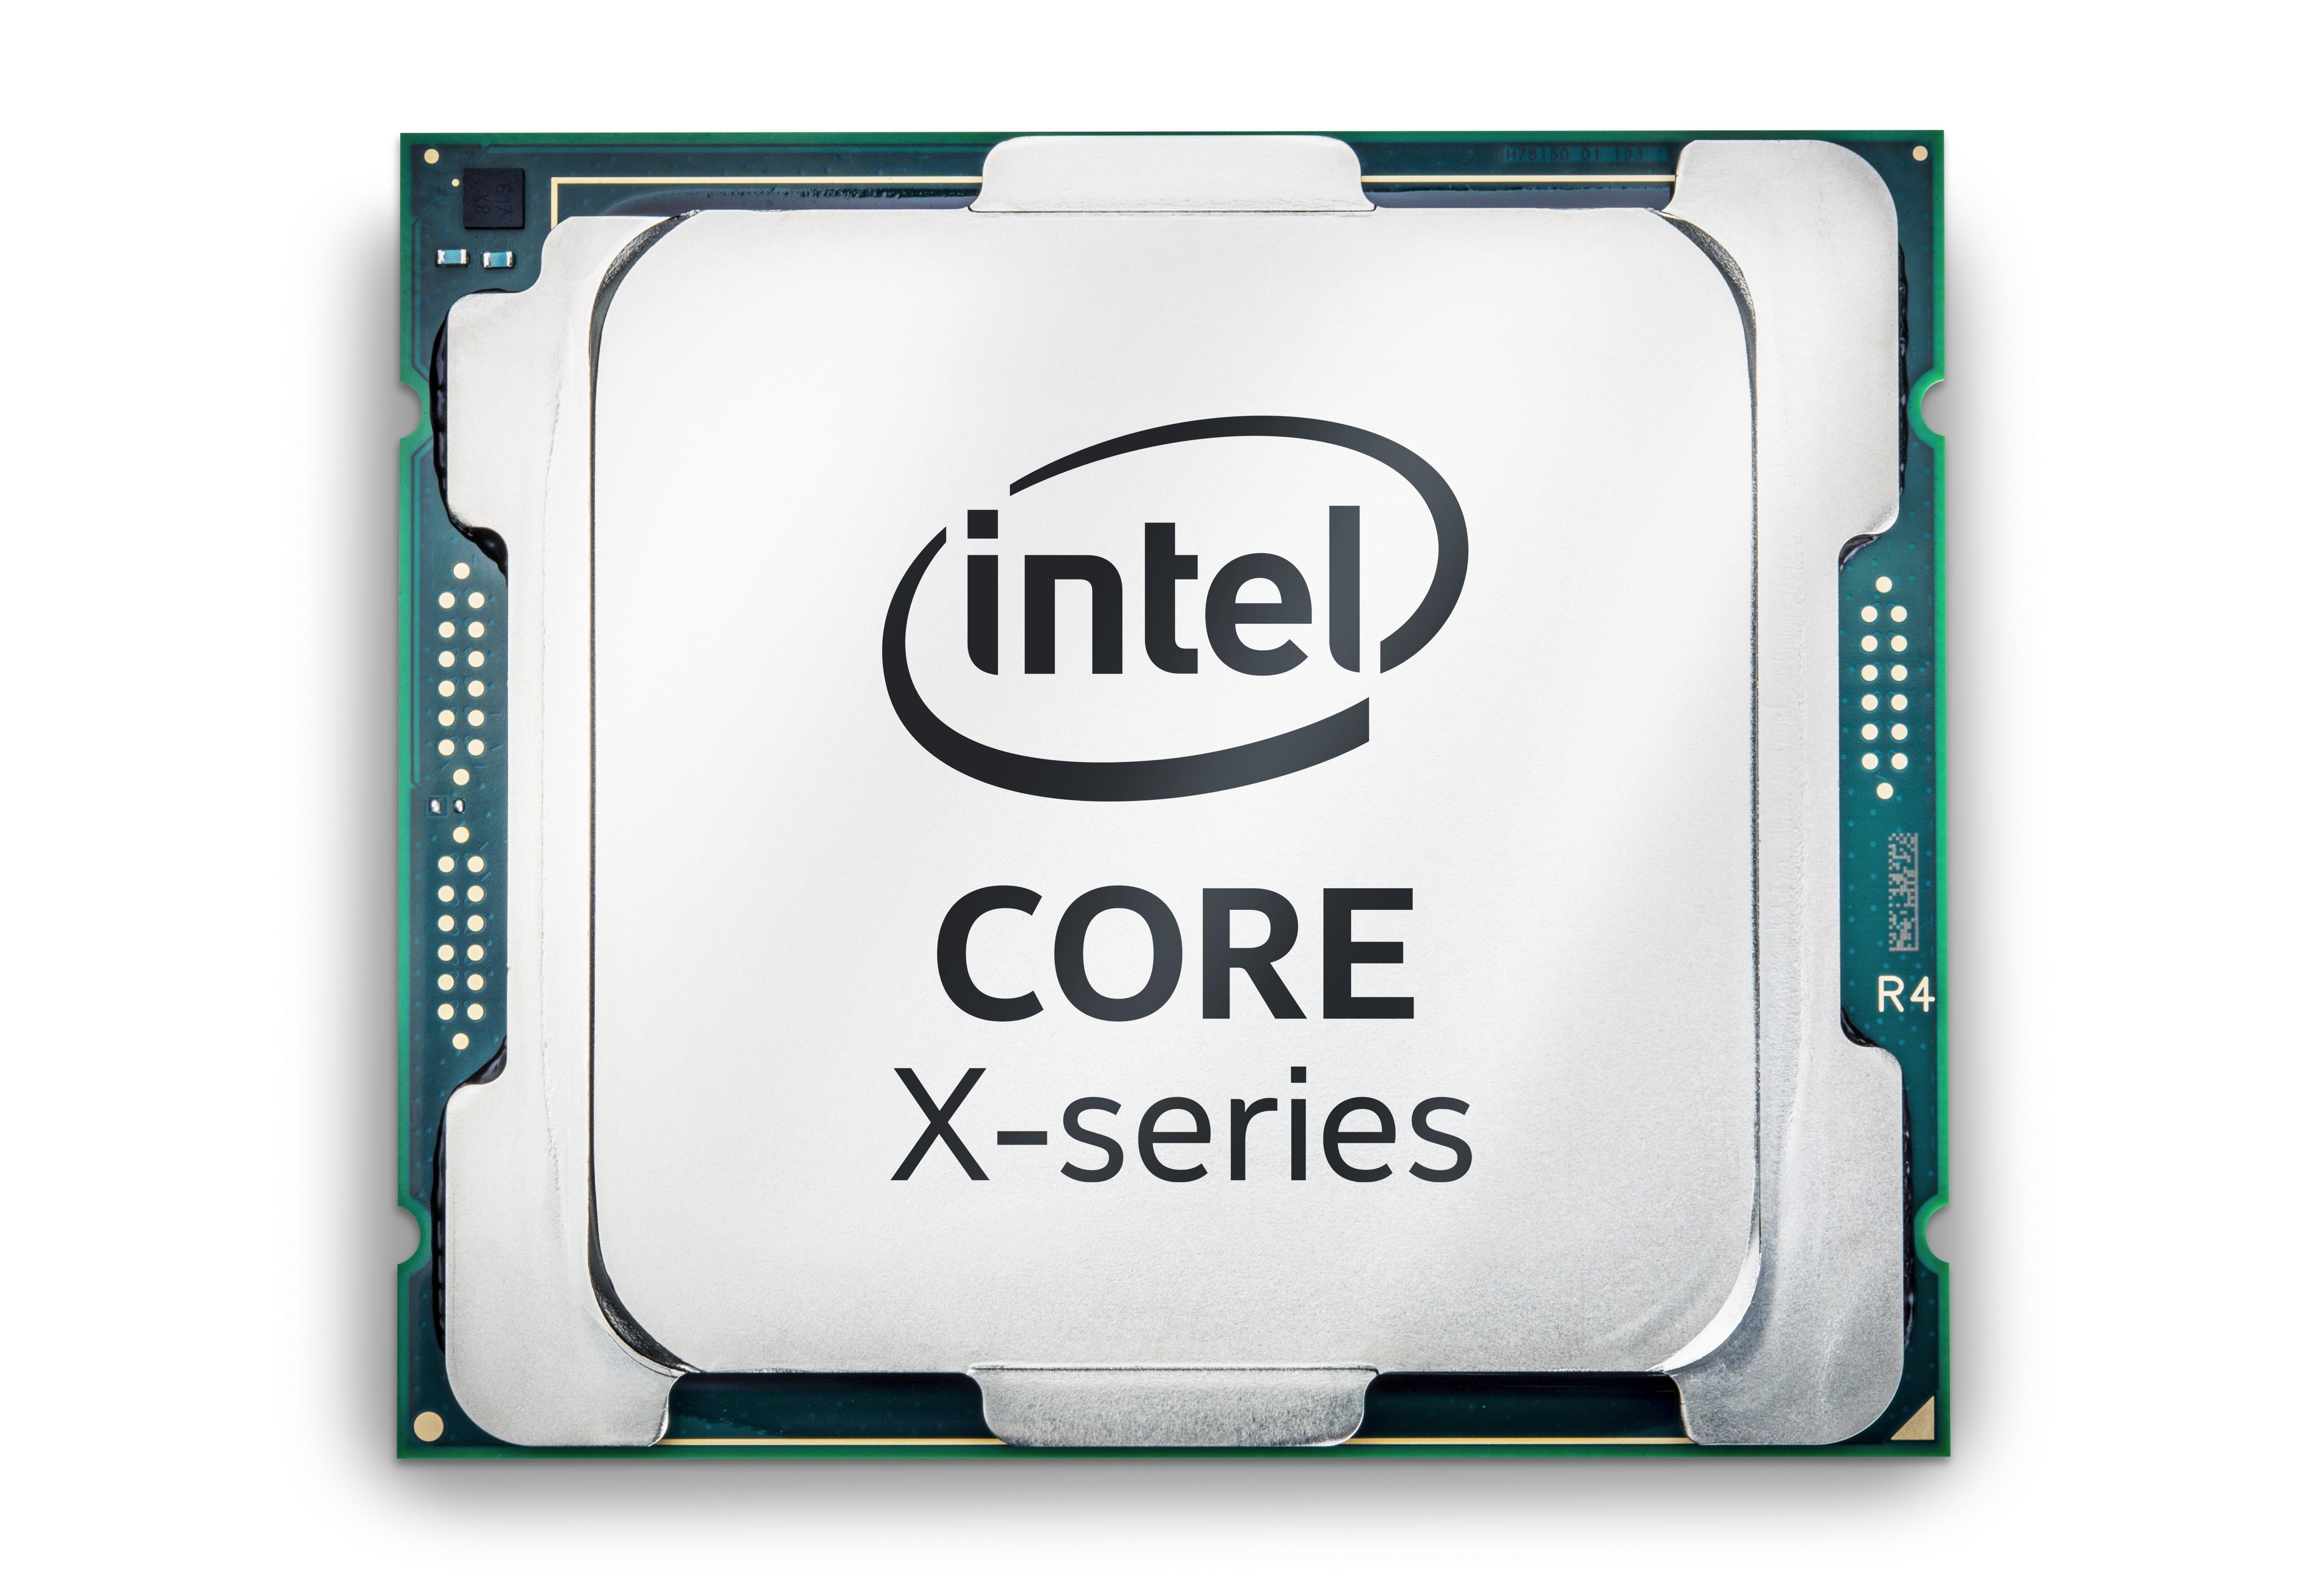 有什么网址��.�yg*9n�i*�yȾ���K�^z�_intel core i9-7900x处理器评测下周一解禁